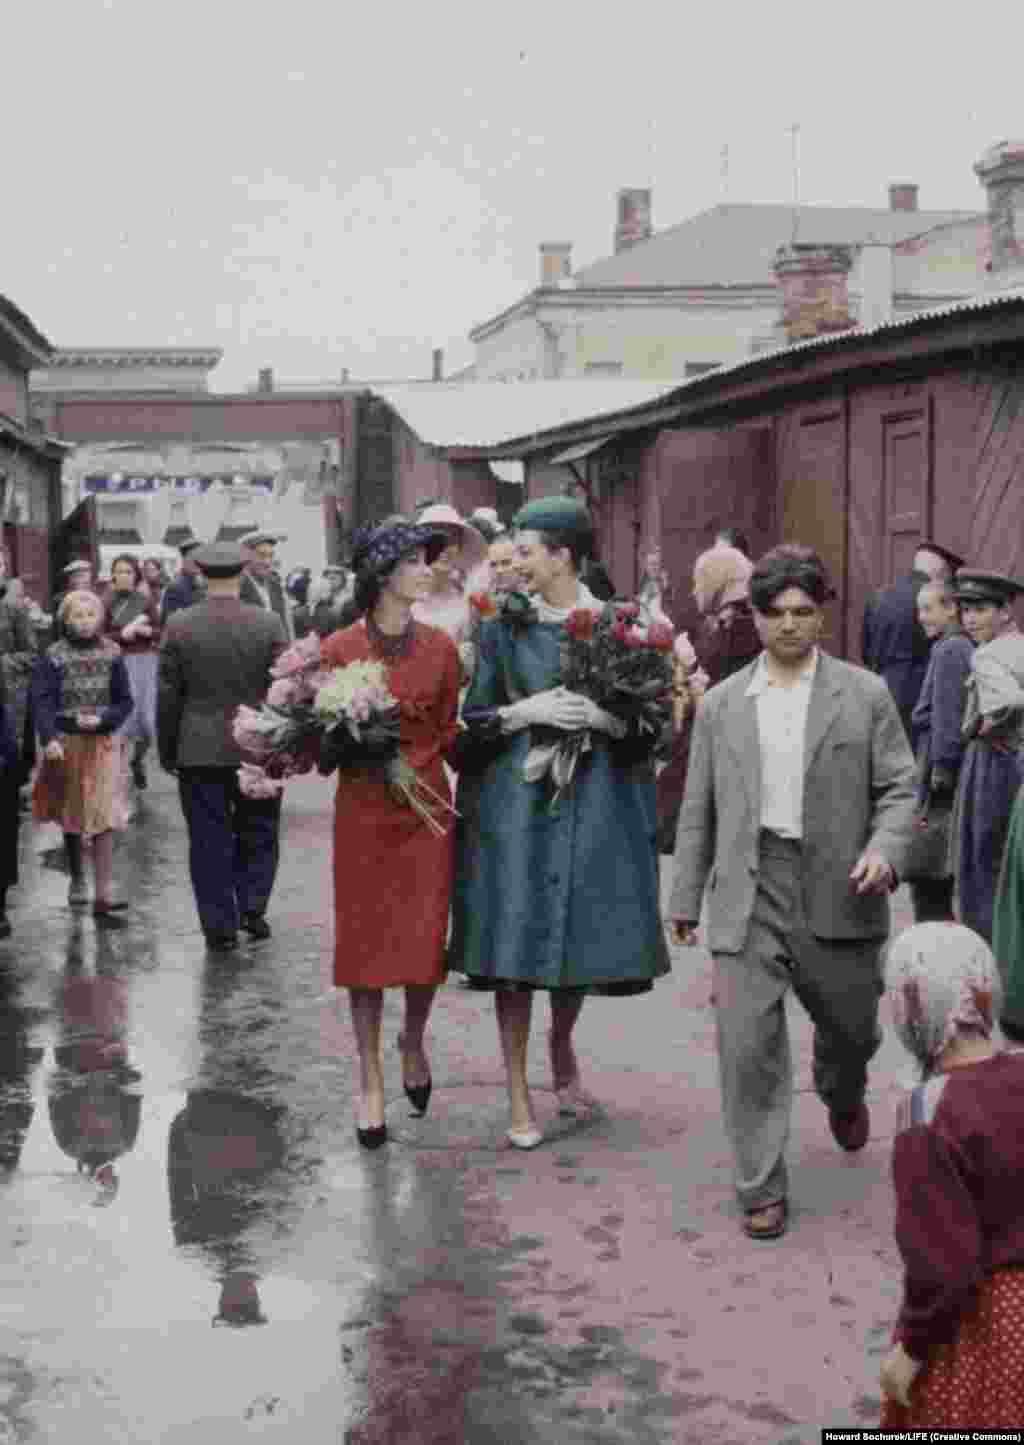 Модели на рынке после покупки цветов. Никита Хрущев, в то время первый секретарь ЦК КПСС и глава правительства, явно относился к моде лучше, чем к художникам-авангардистам.